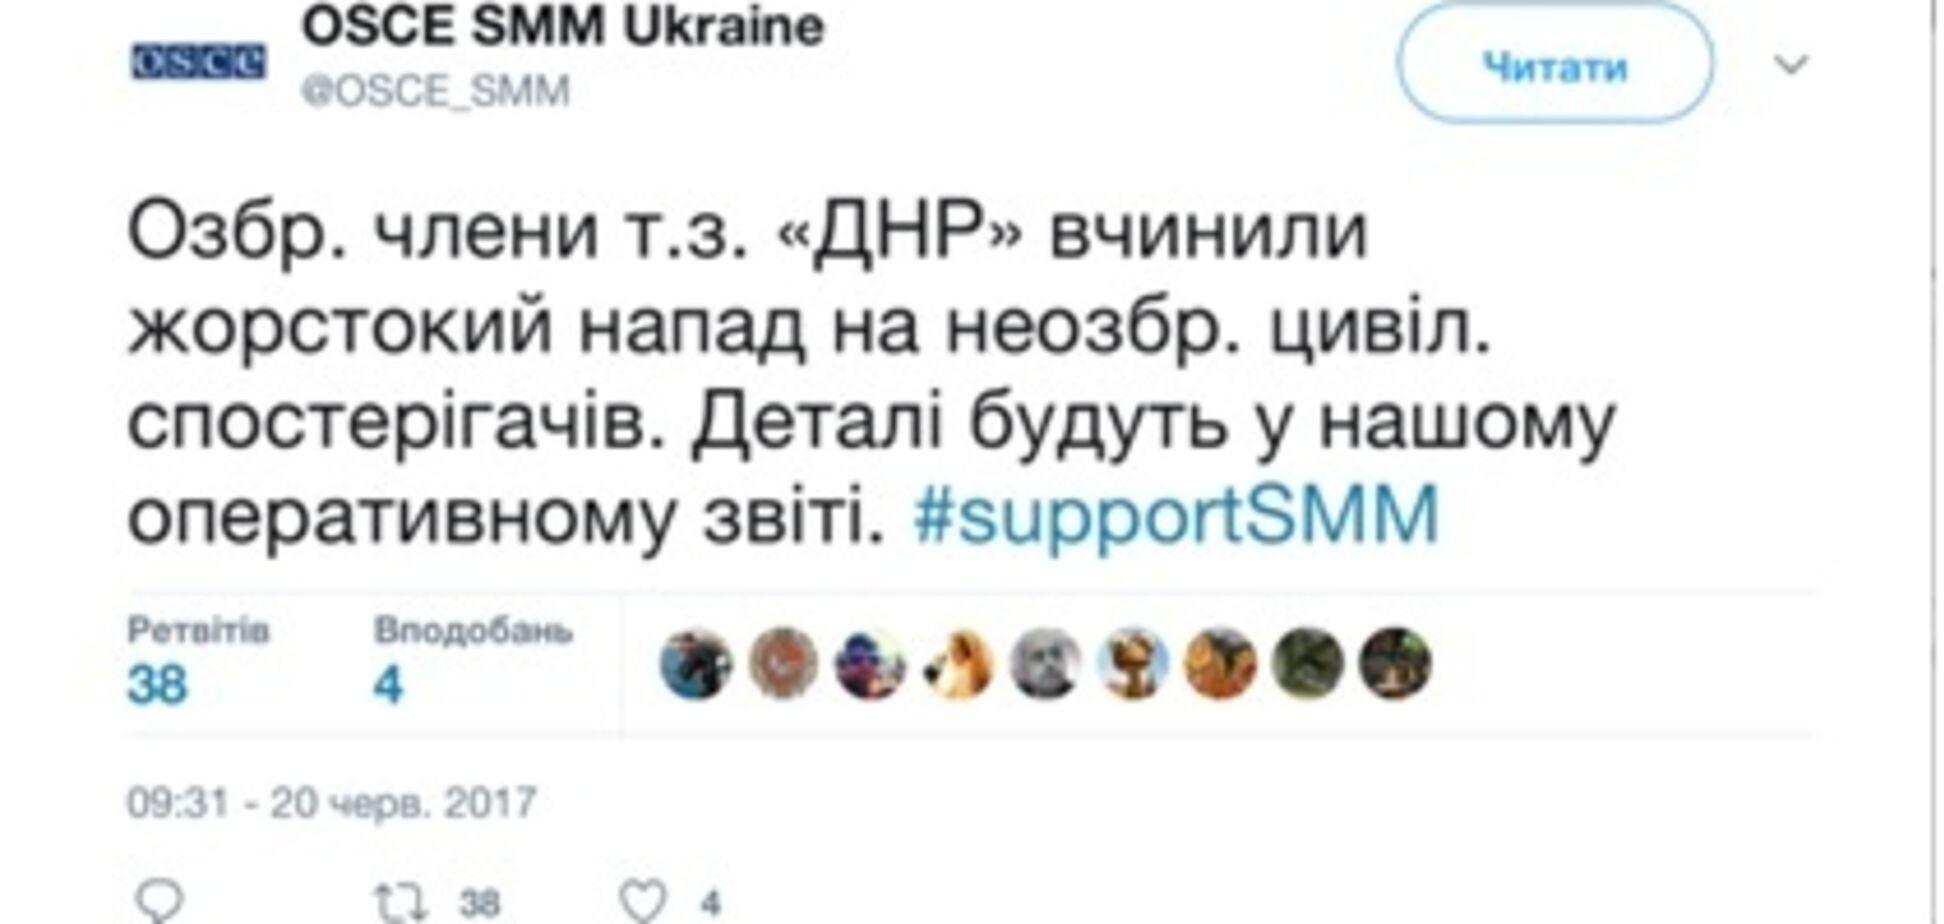 Как в '''ДНР'' создаются фейковые новости